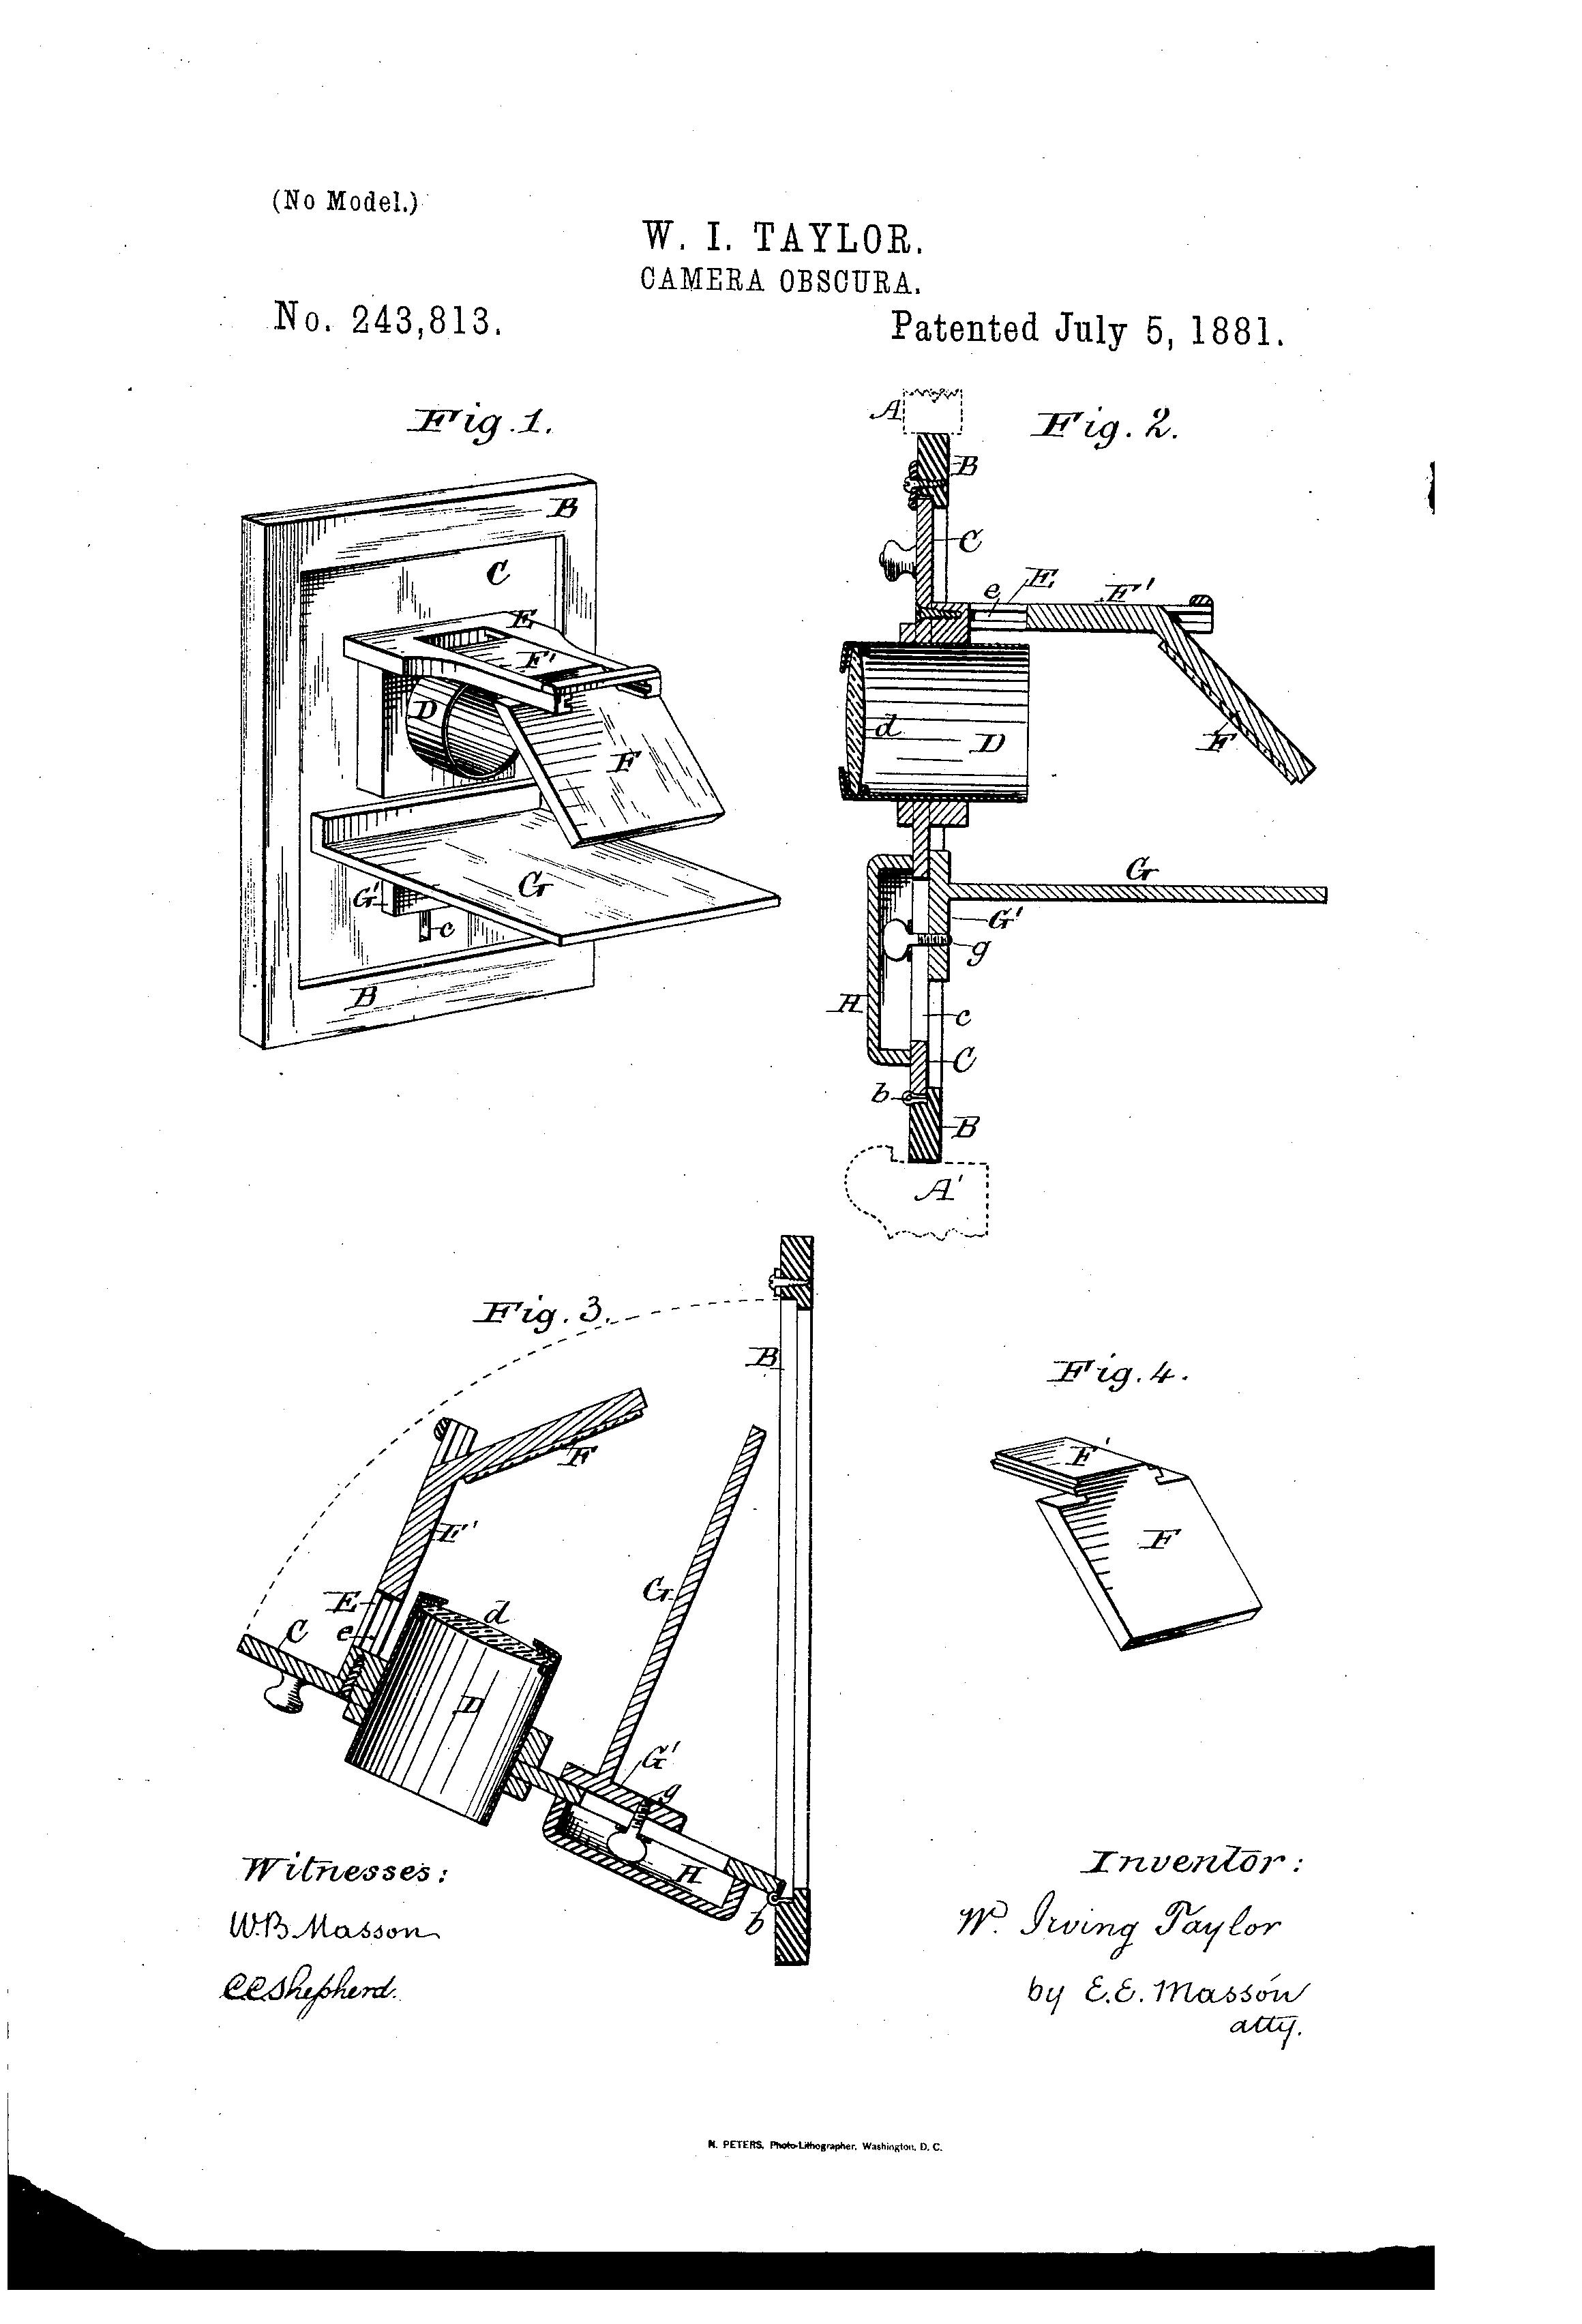 patent us243813 - camera obscura